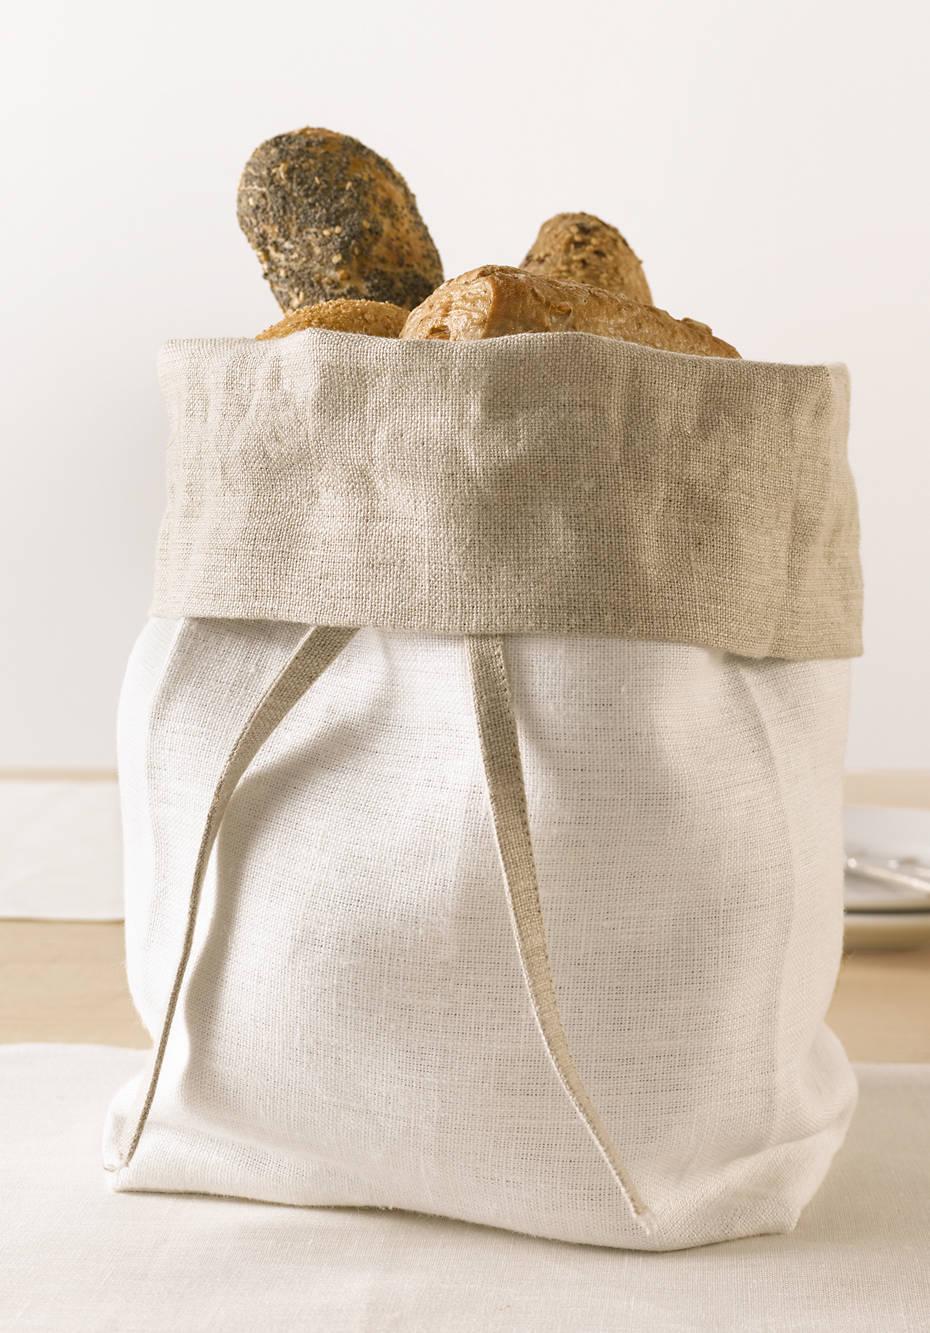 Leinen-Brotbeutel zum Wenden